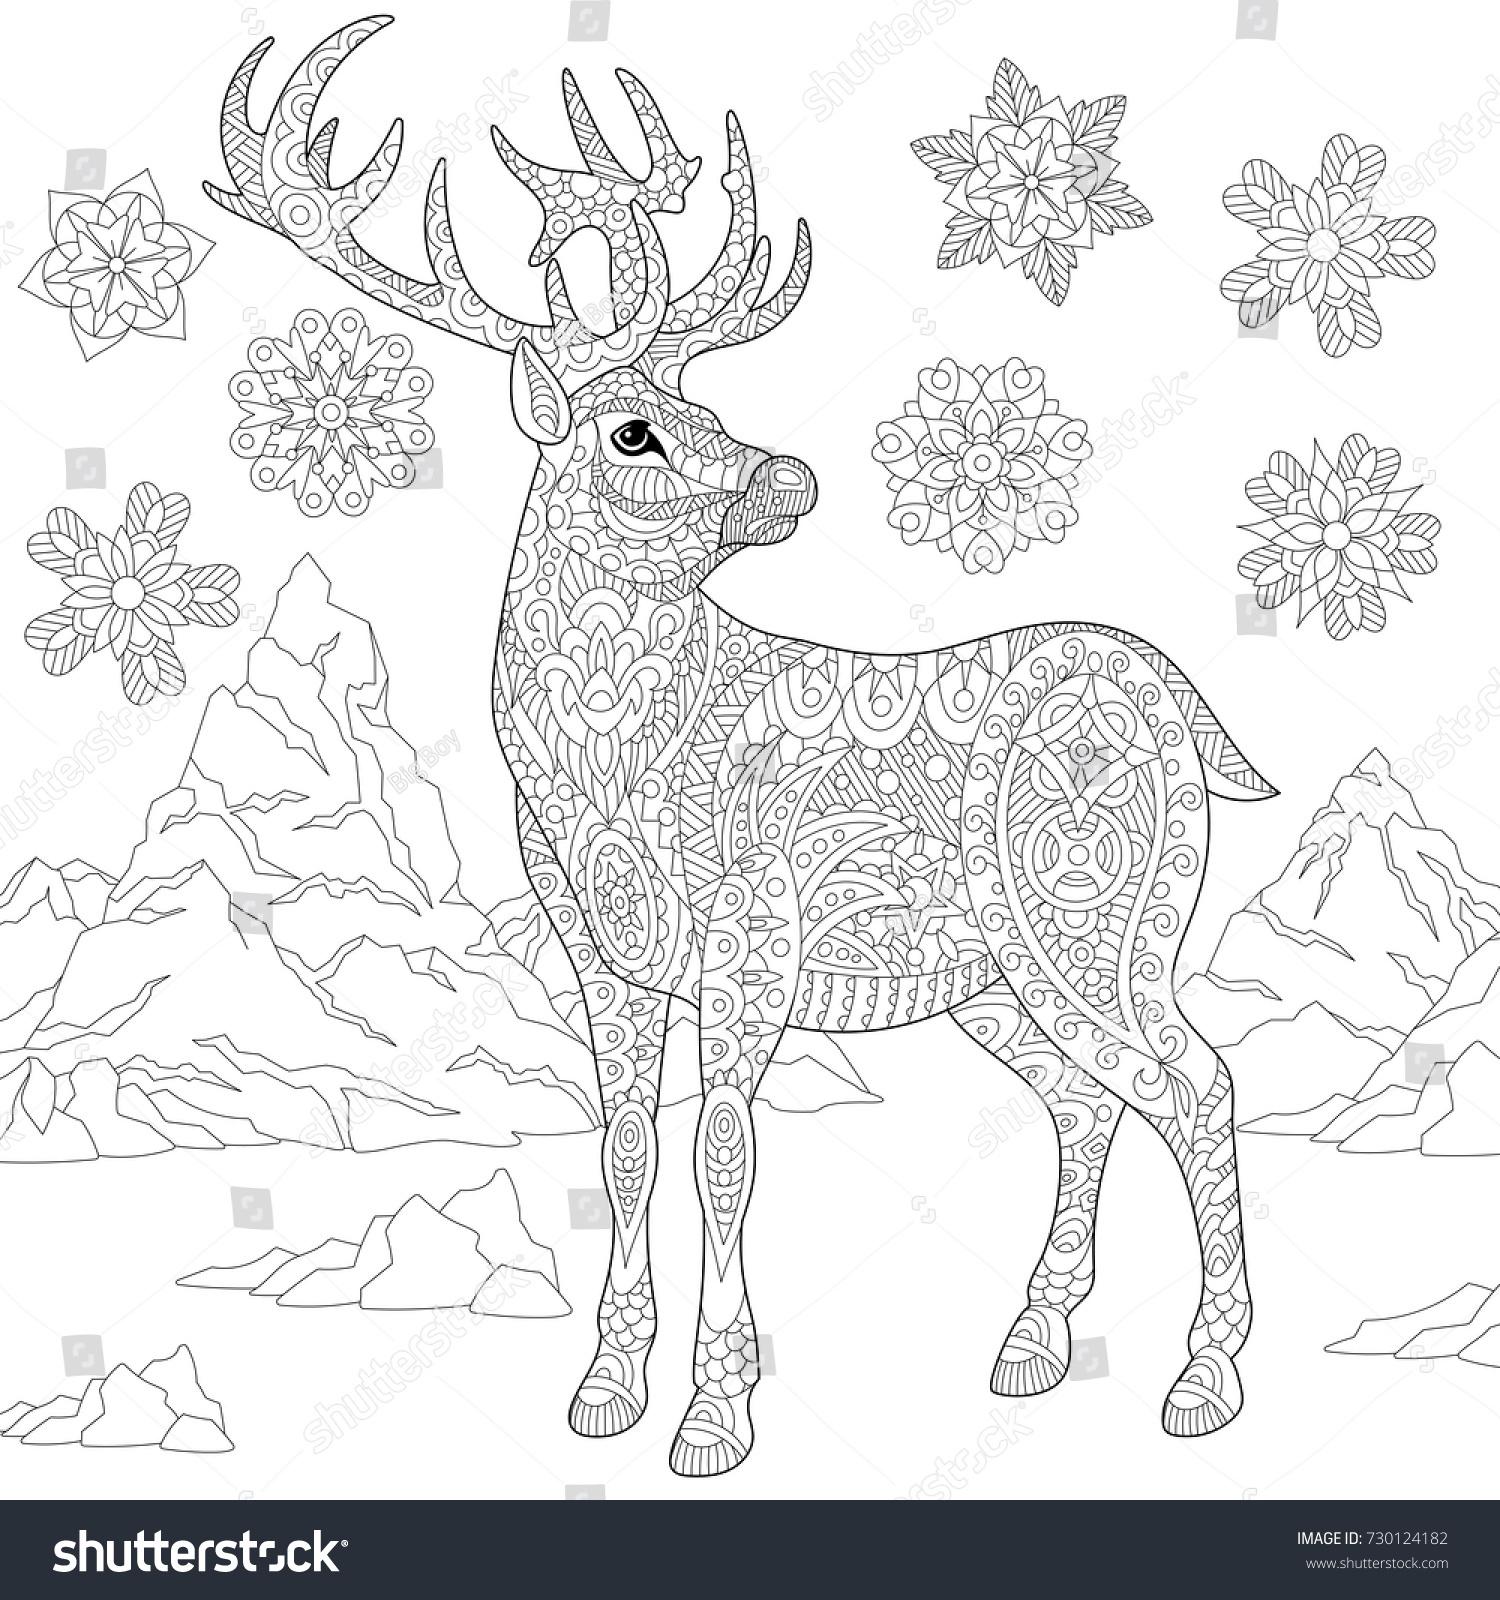 Coloring Page Deer Reindeer Winter Snowflakes Stock Vector Royalty